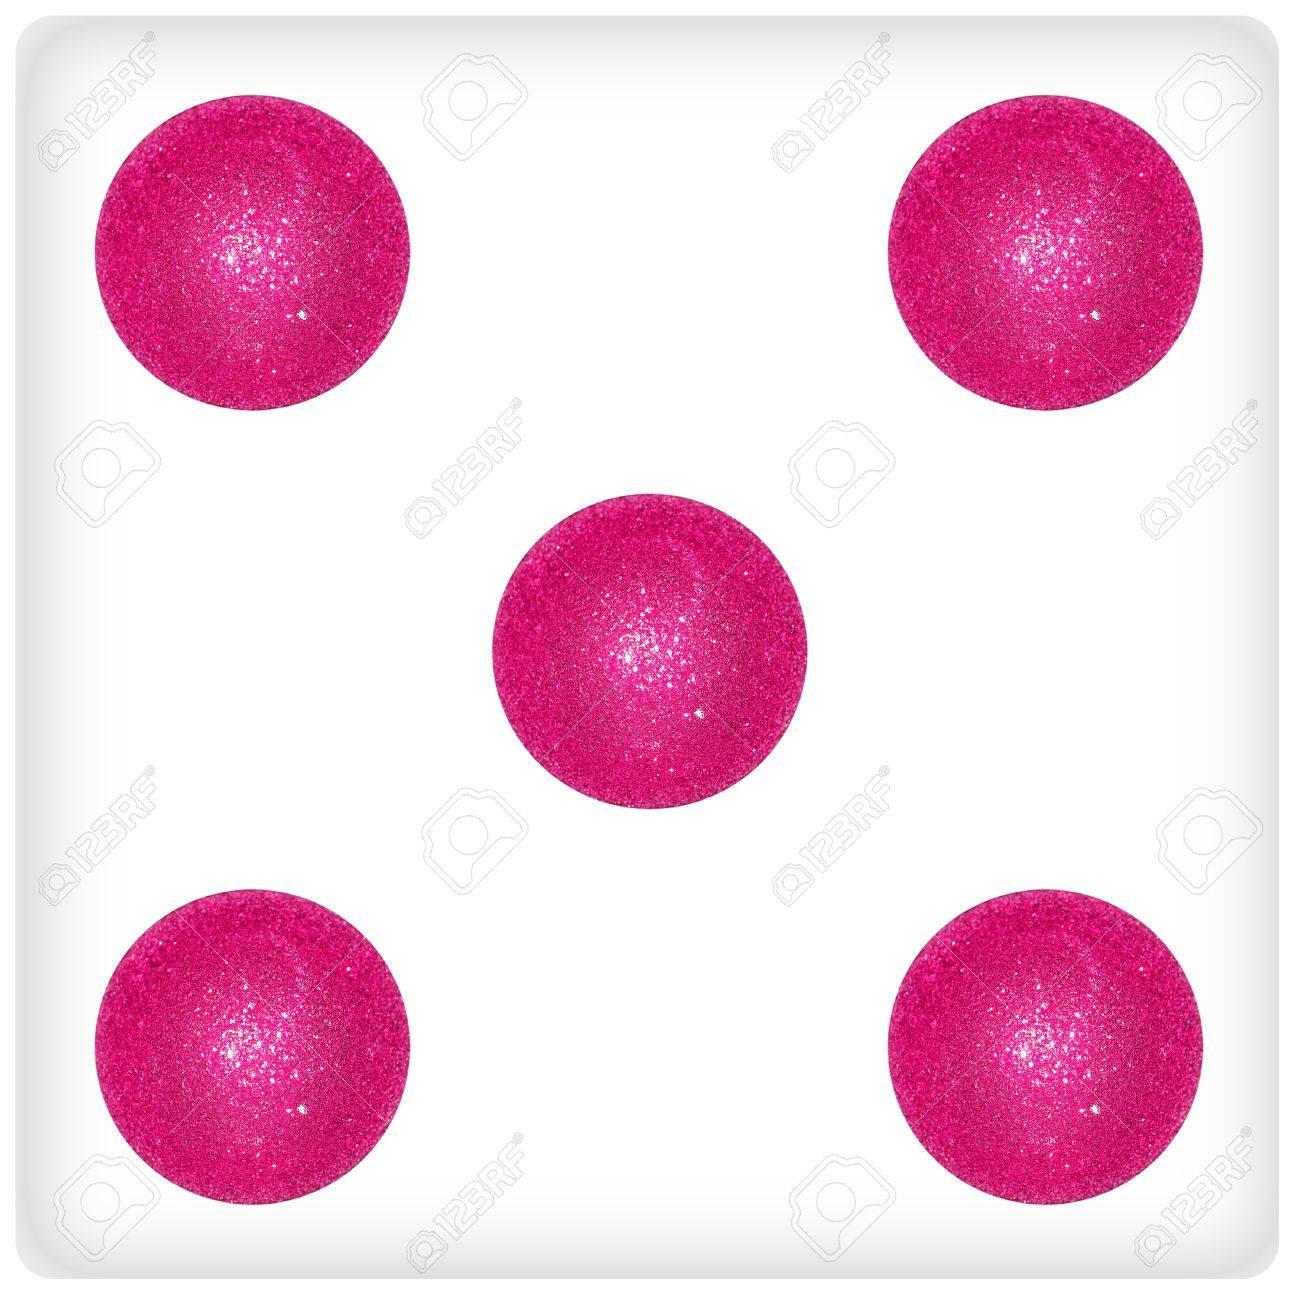 Cinq, Rose, Balles Noël, Des Bulles, Des Dés, Jeu, Dés, Jeux pour Jeux Des Bulles